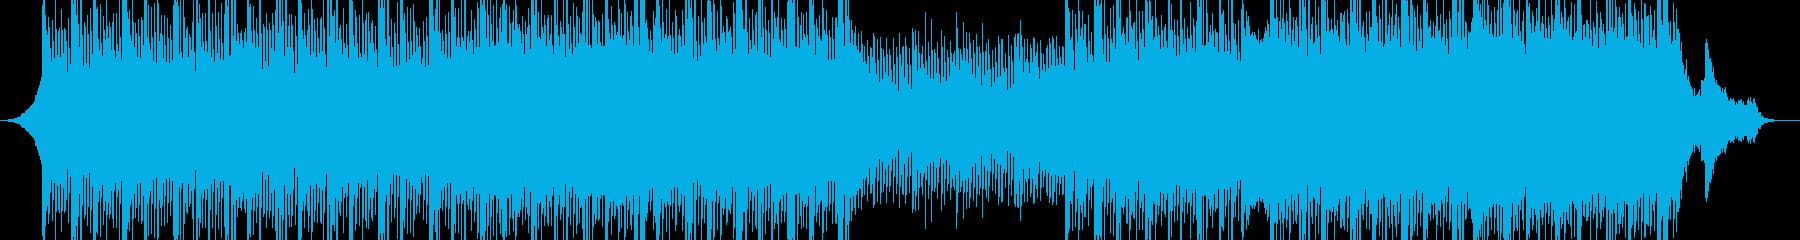 プレゼンテーション用の電子技術音楽の再生済みの波形